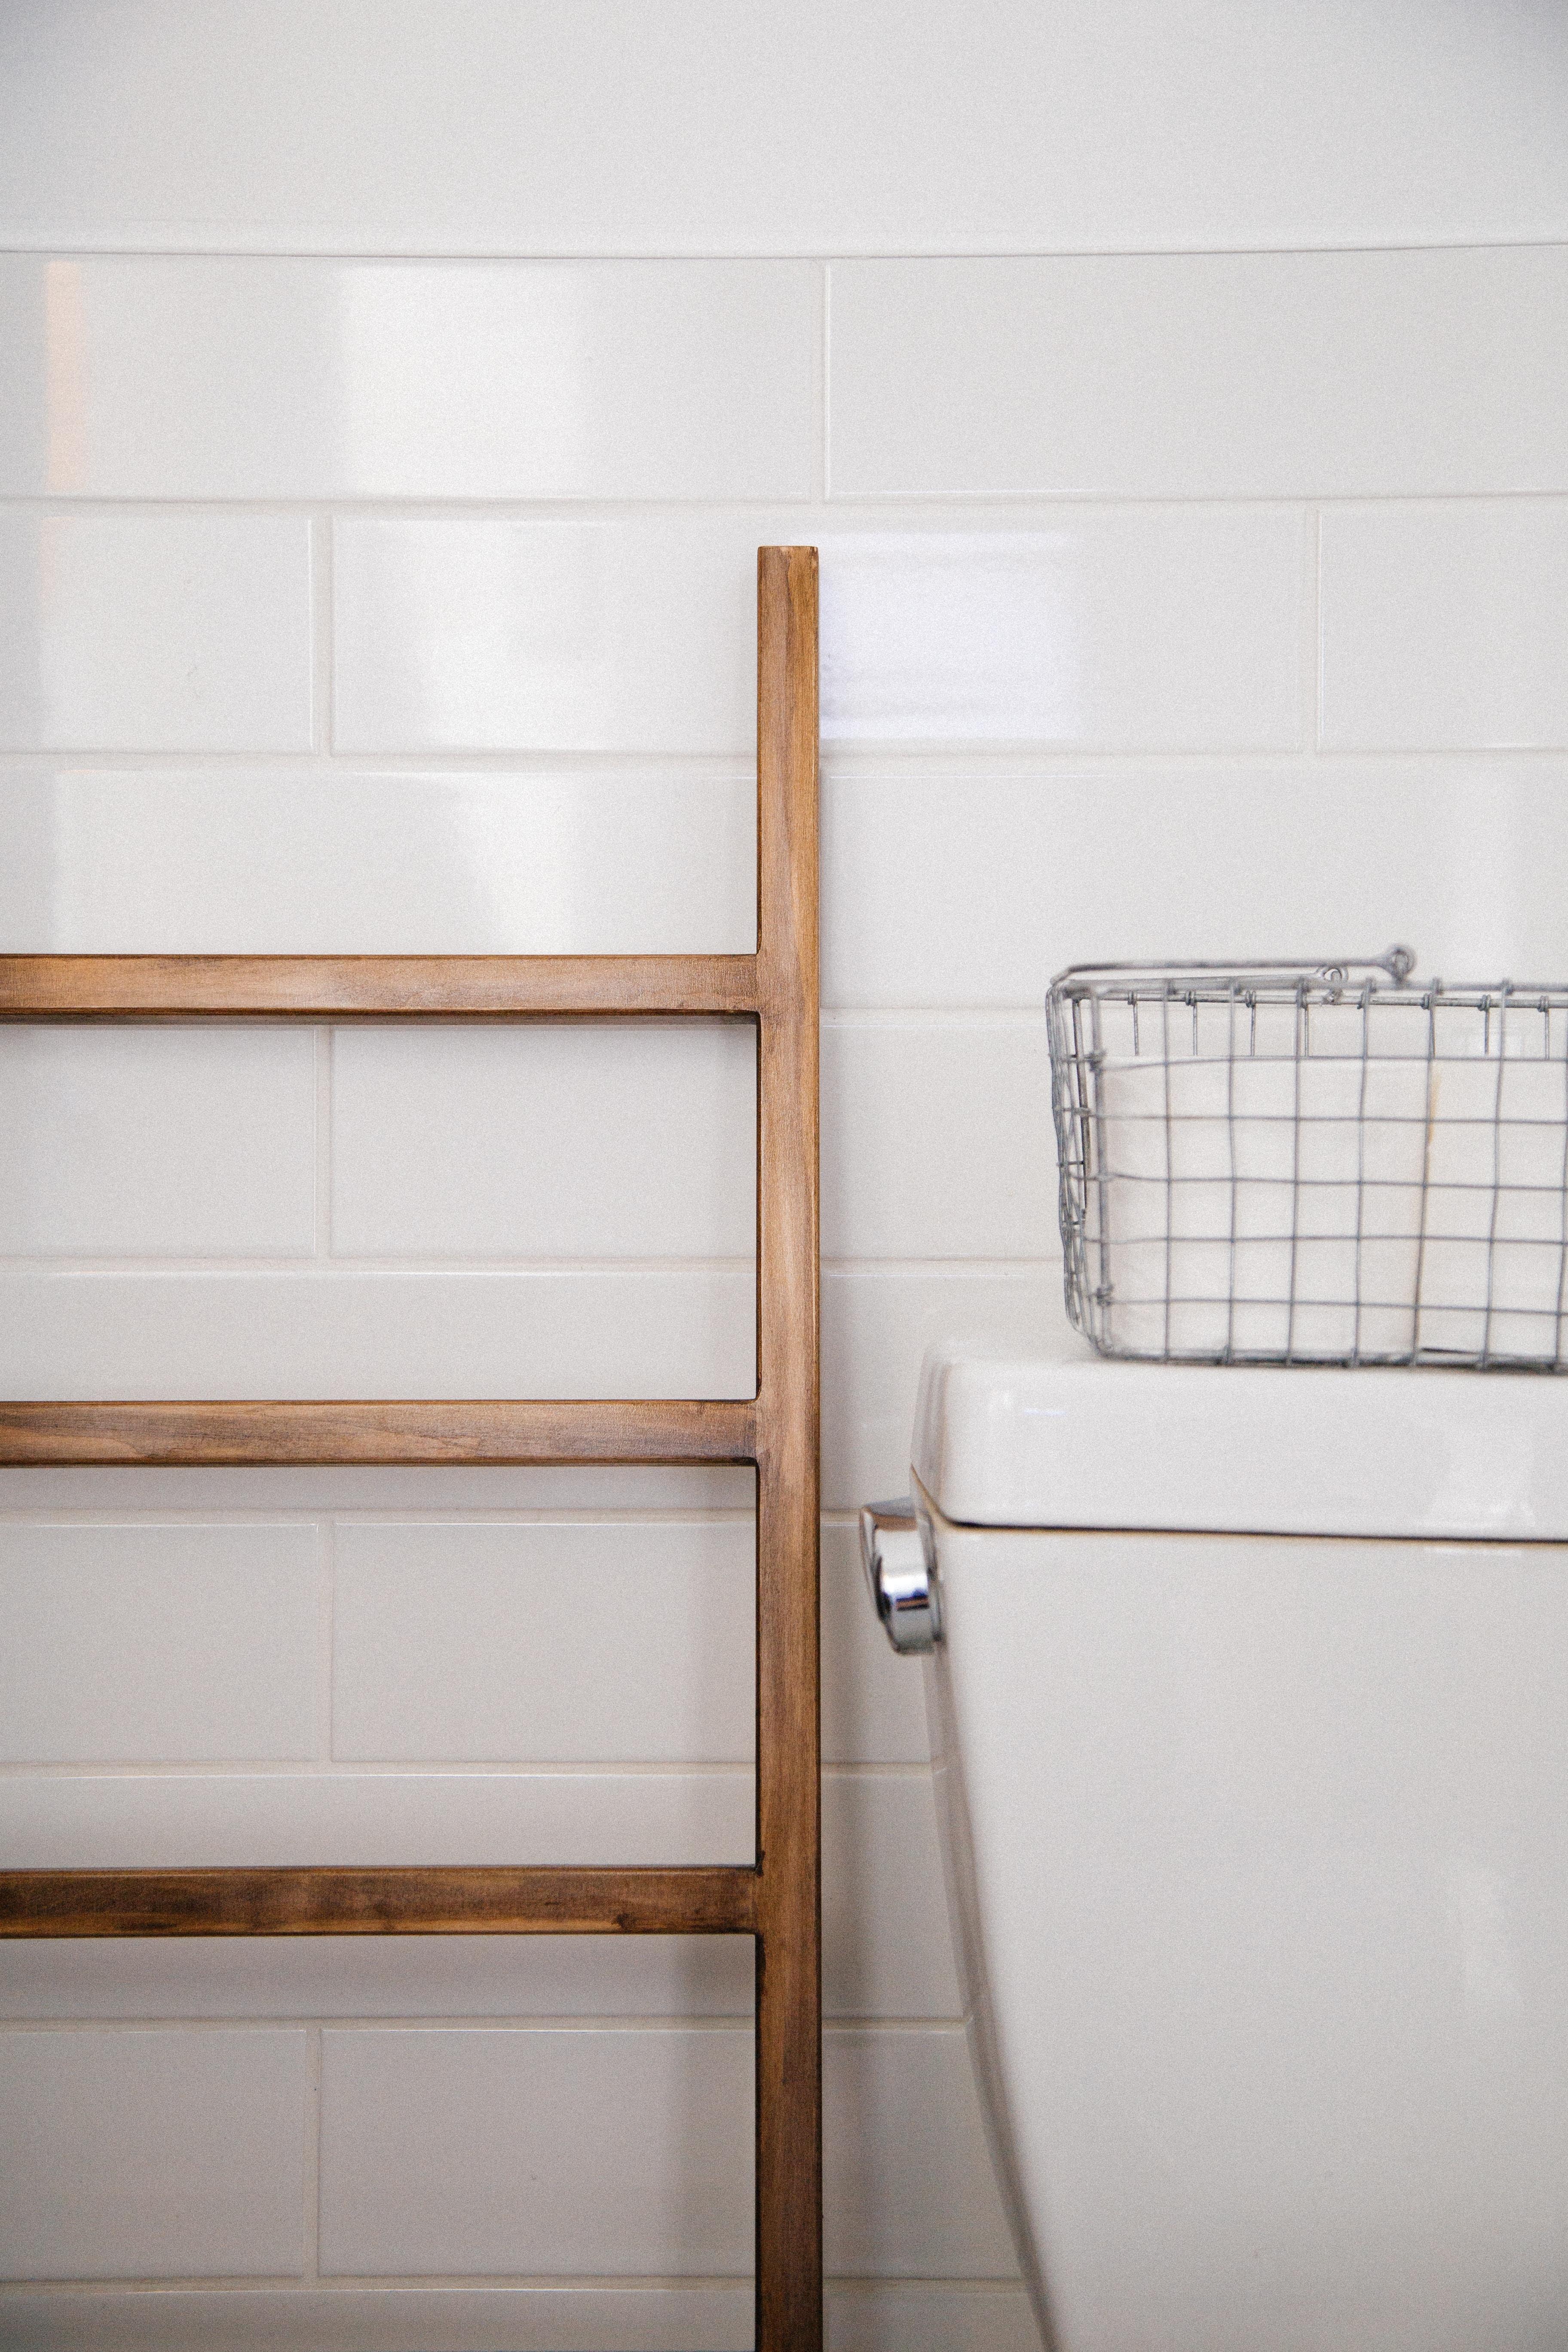 échelle de salle de bain porte serviettes